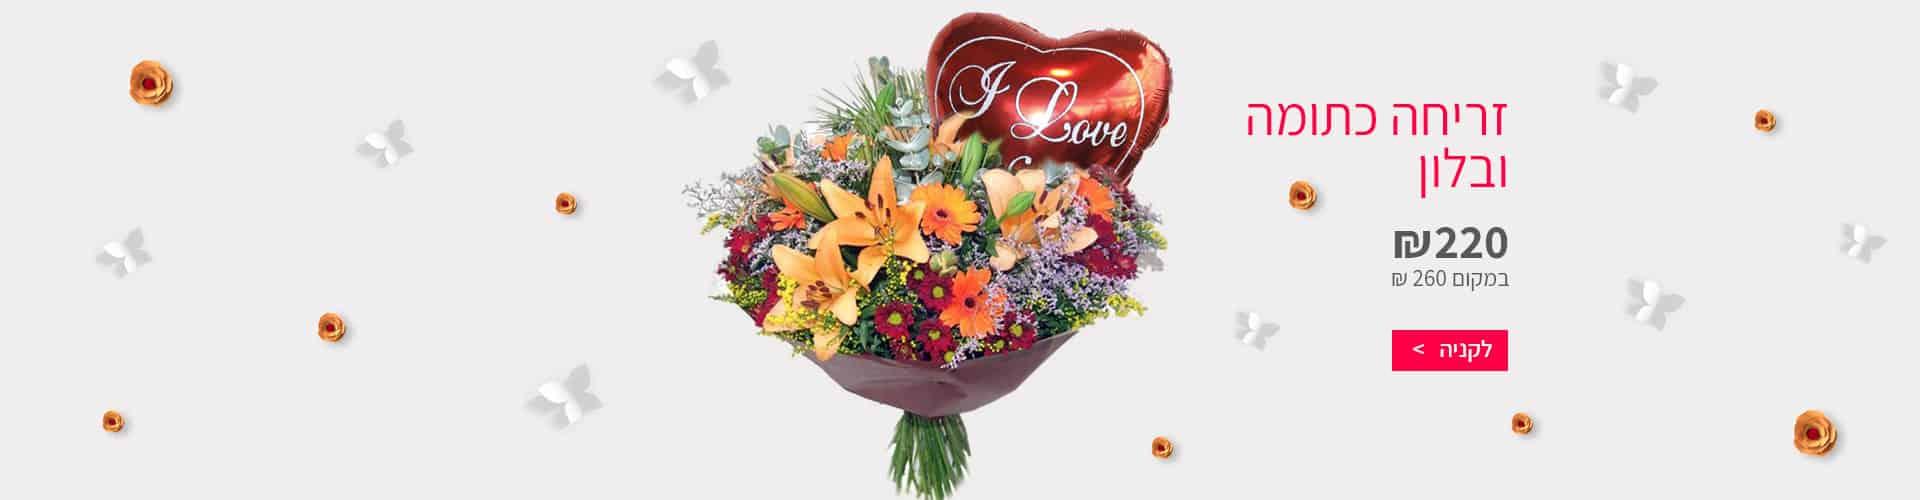 זריחה כתומה ובלון לב - שדה פרחים משלוחי פרחים